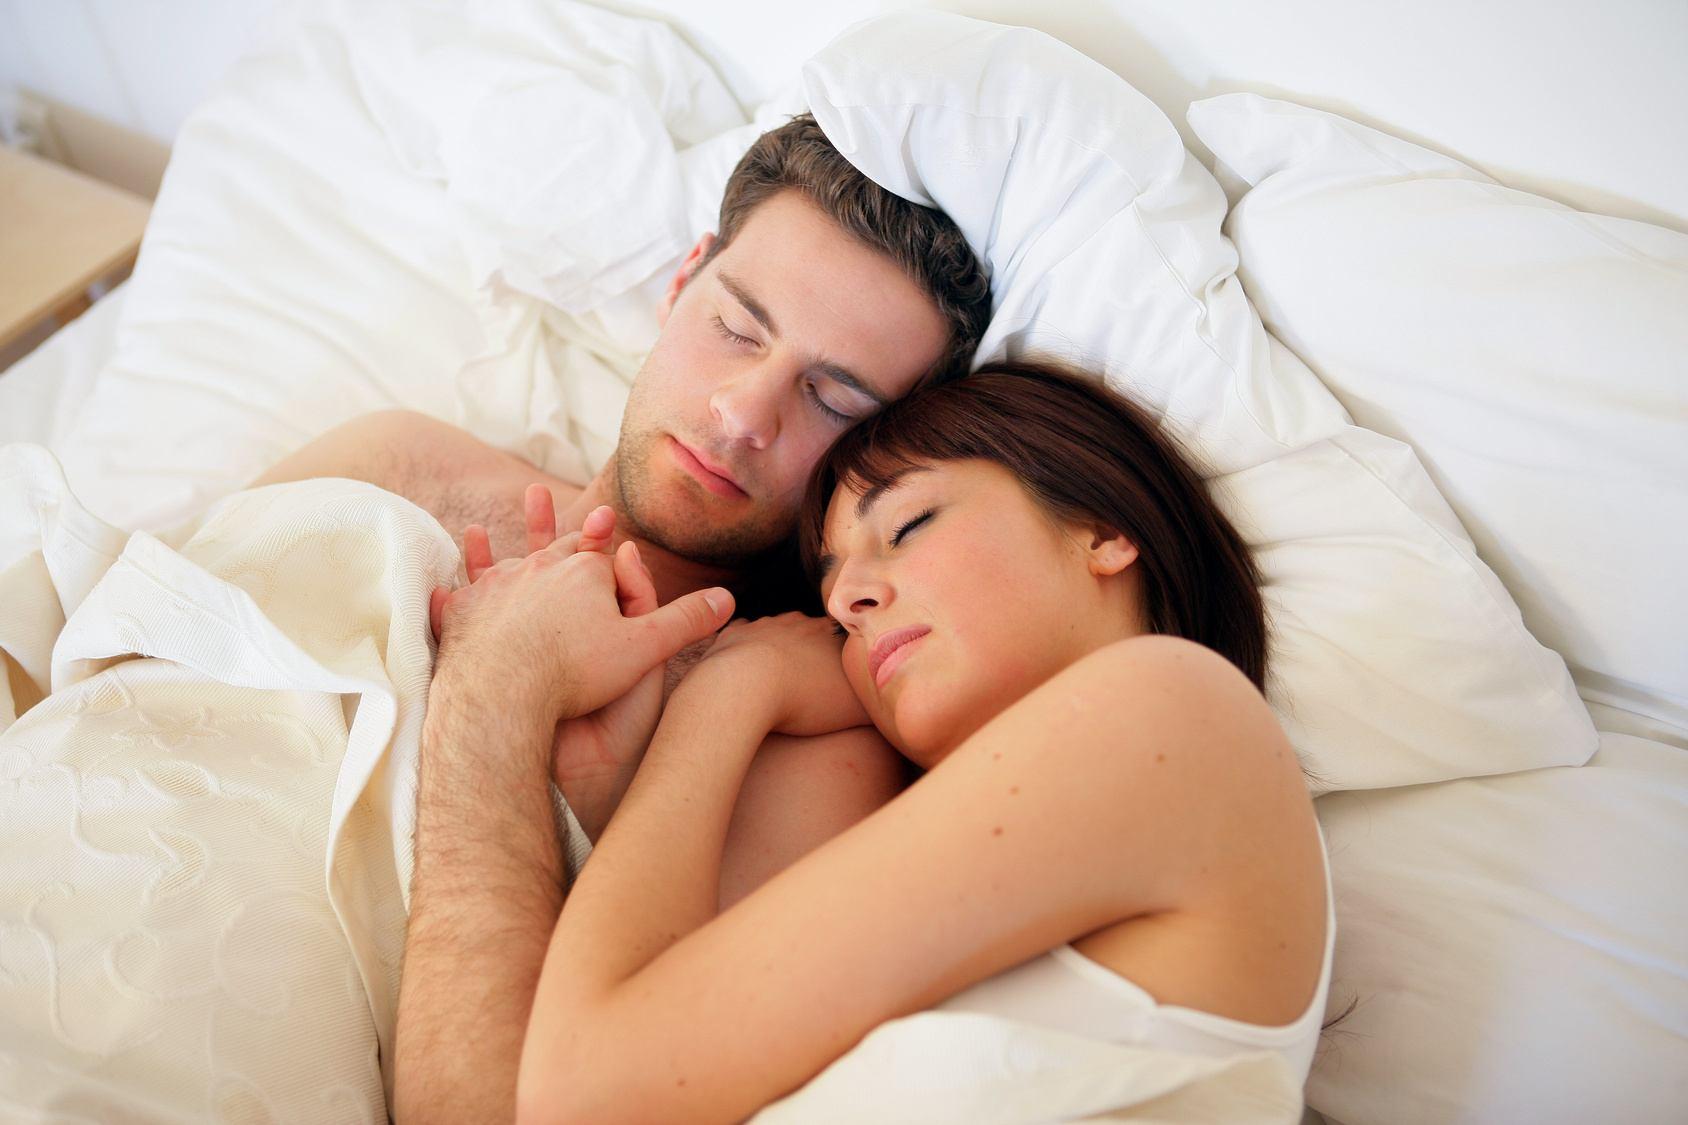 Фото с женой в кровати 1 фотография